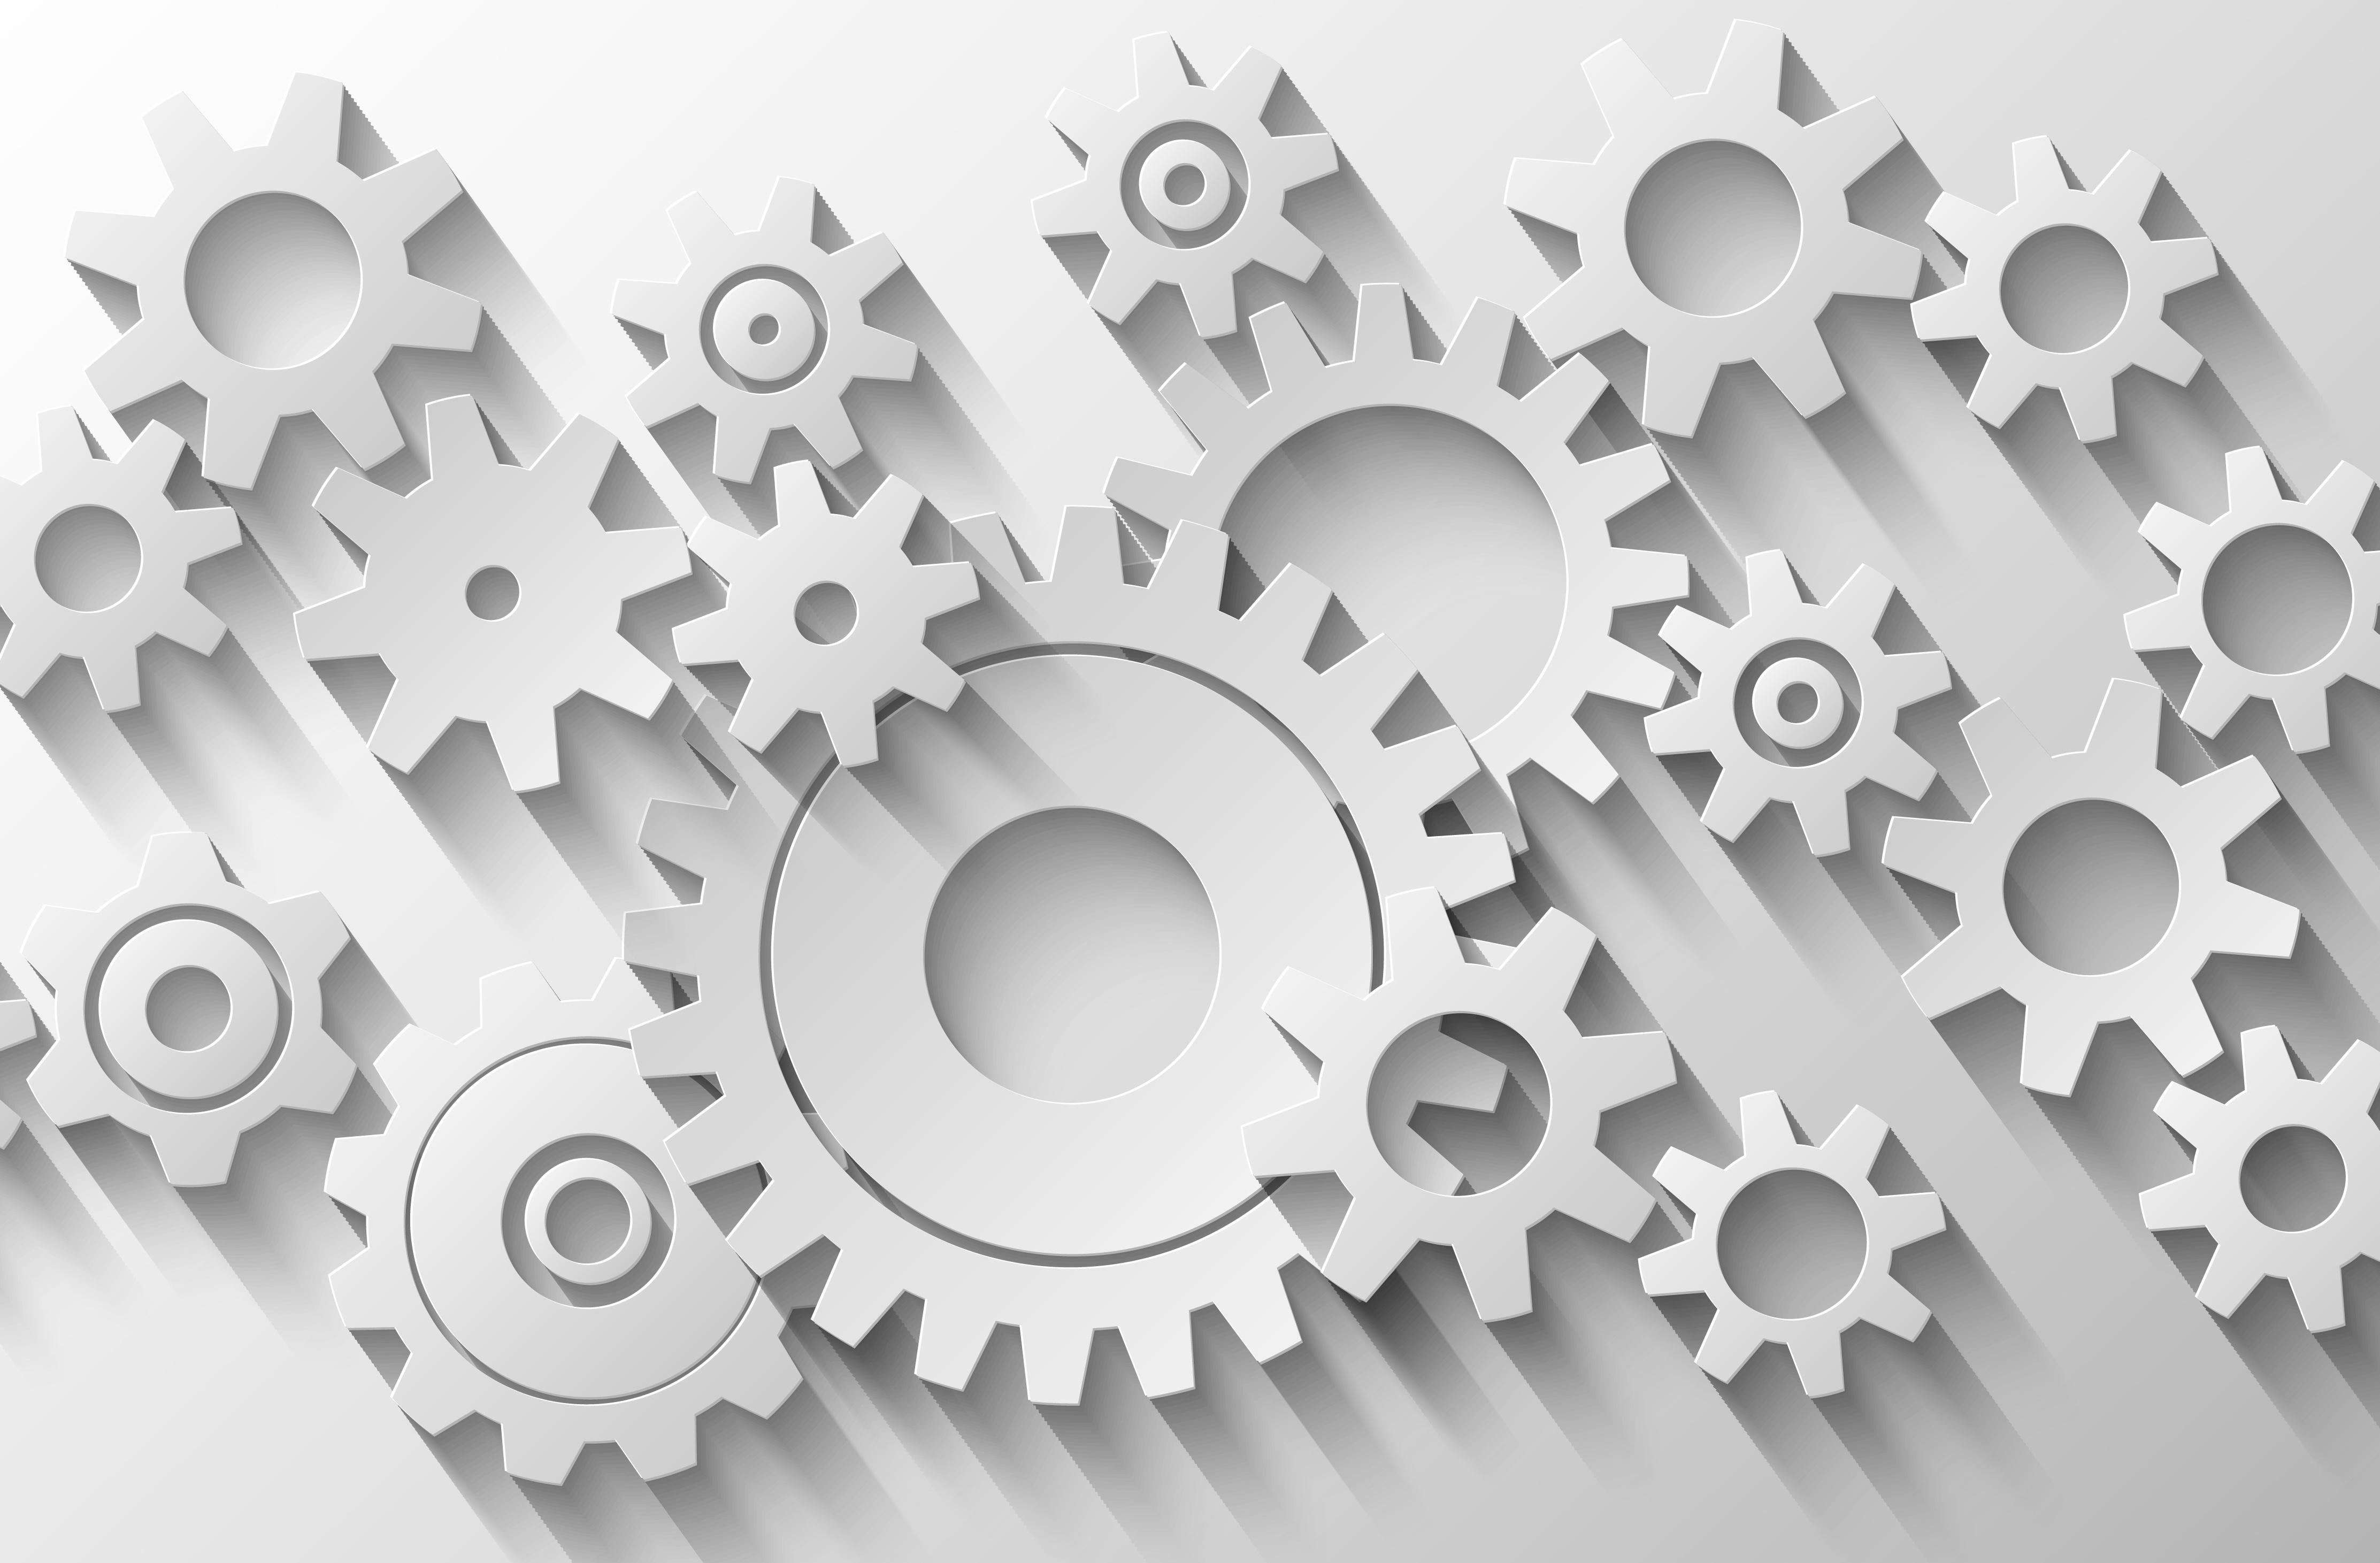 ¿Cómo realizar una integración de sistemas SAP sin problemas?